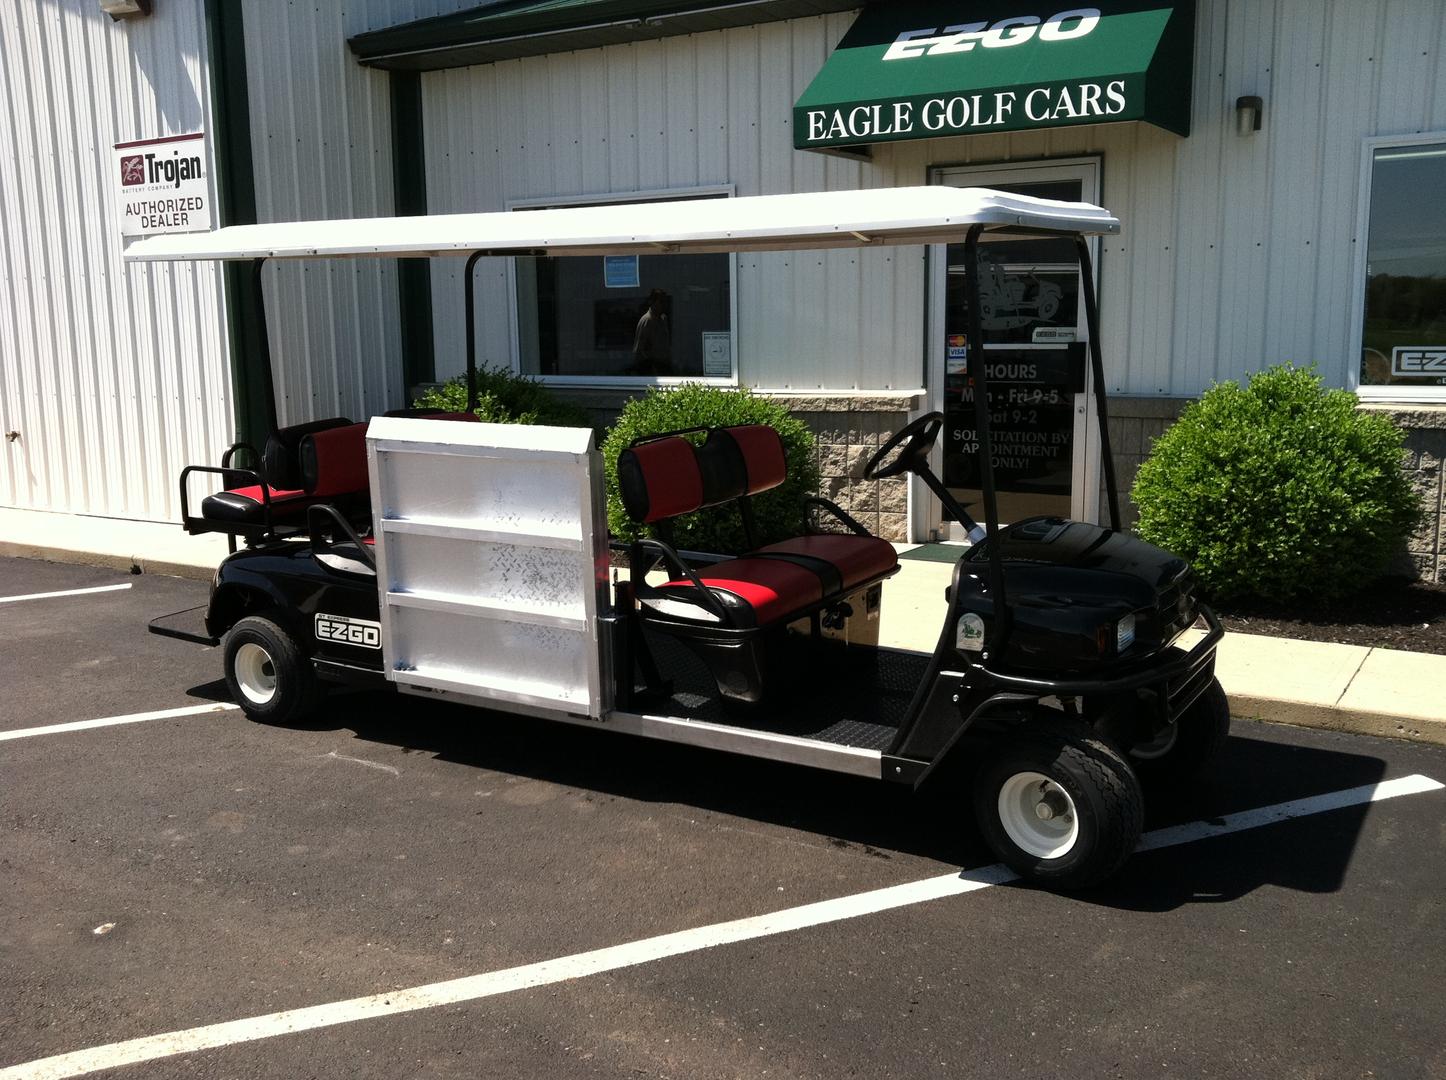 Customizing Shooting Golf Cart To Cart Html on toy cart, cart car, ikea kitchen cart, shopping cart,